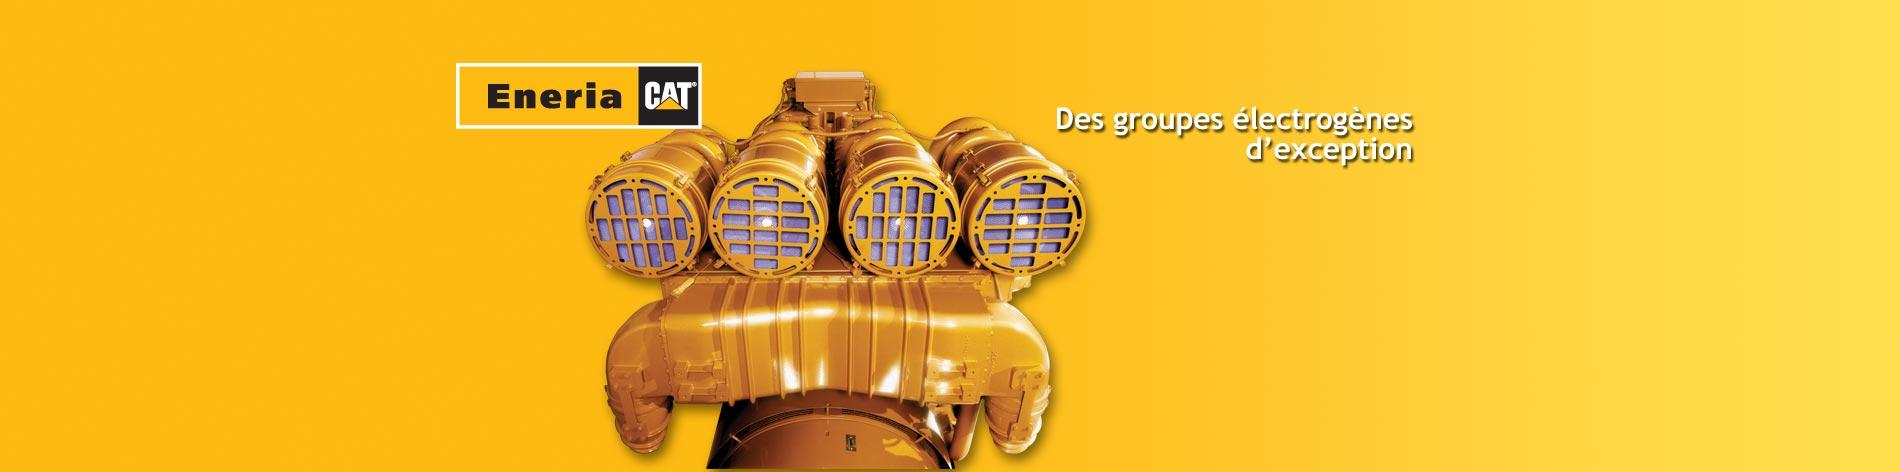 Nous vous proposons une gamme complète de groupes électrogènes diesel composée de modèles standards, insonorisés, fixes ou mobiles, de 10 à 4 000 kW.